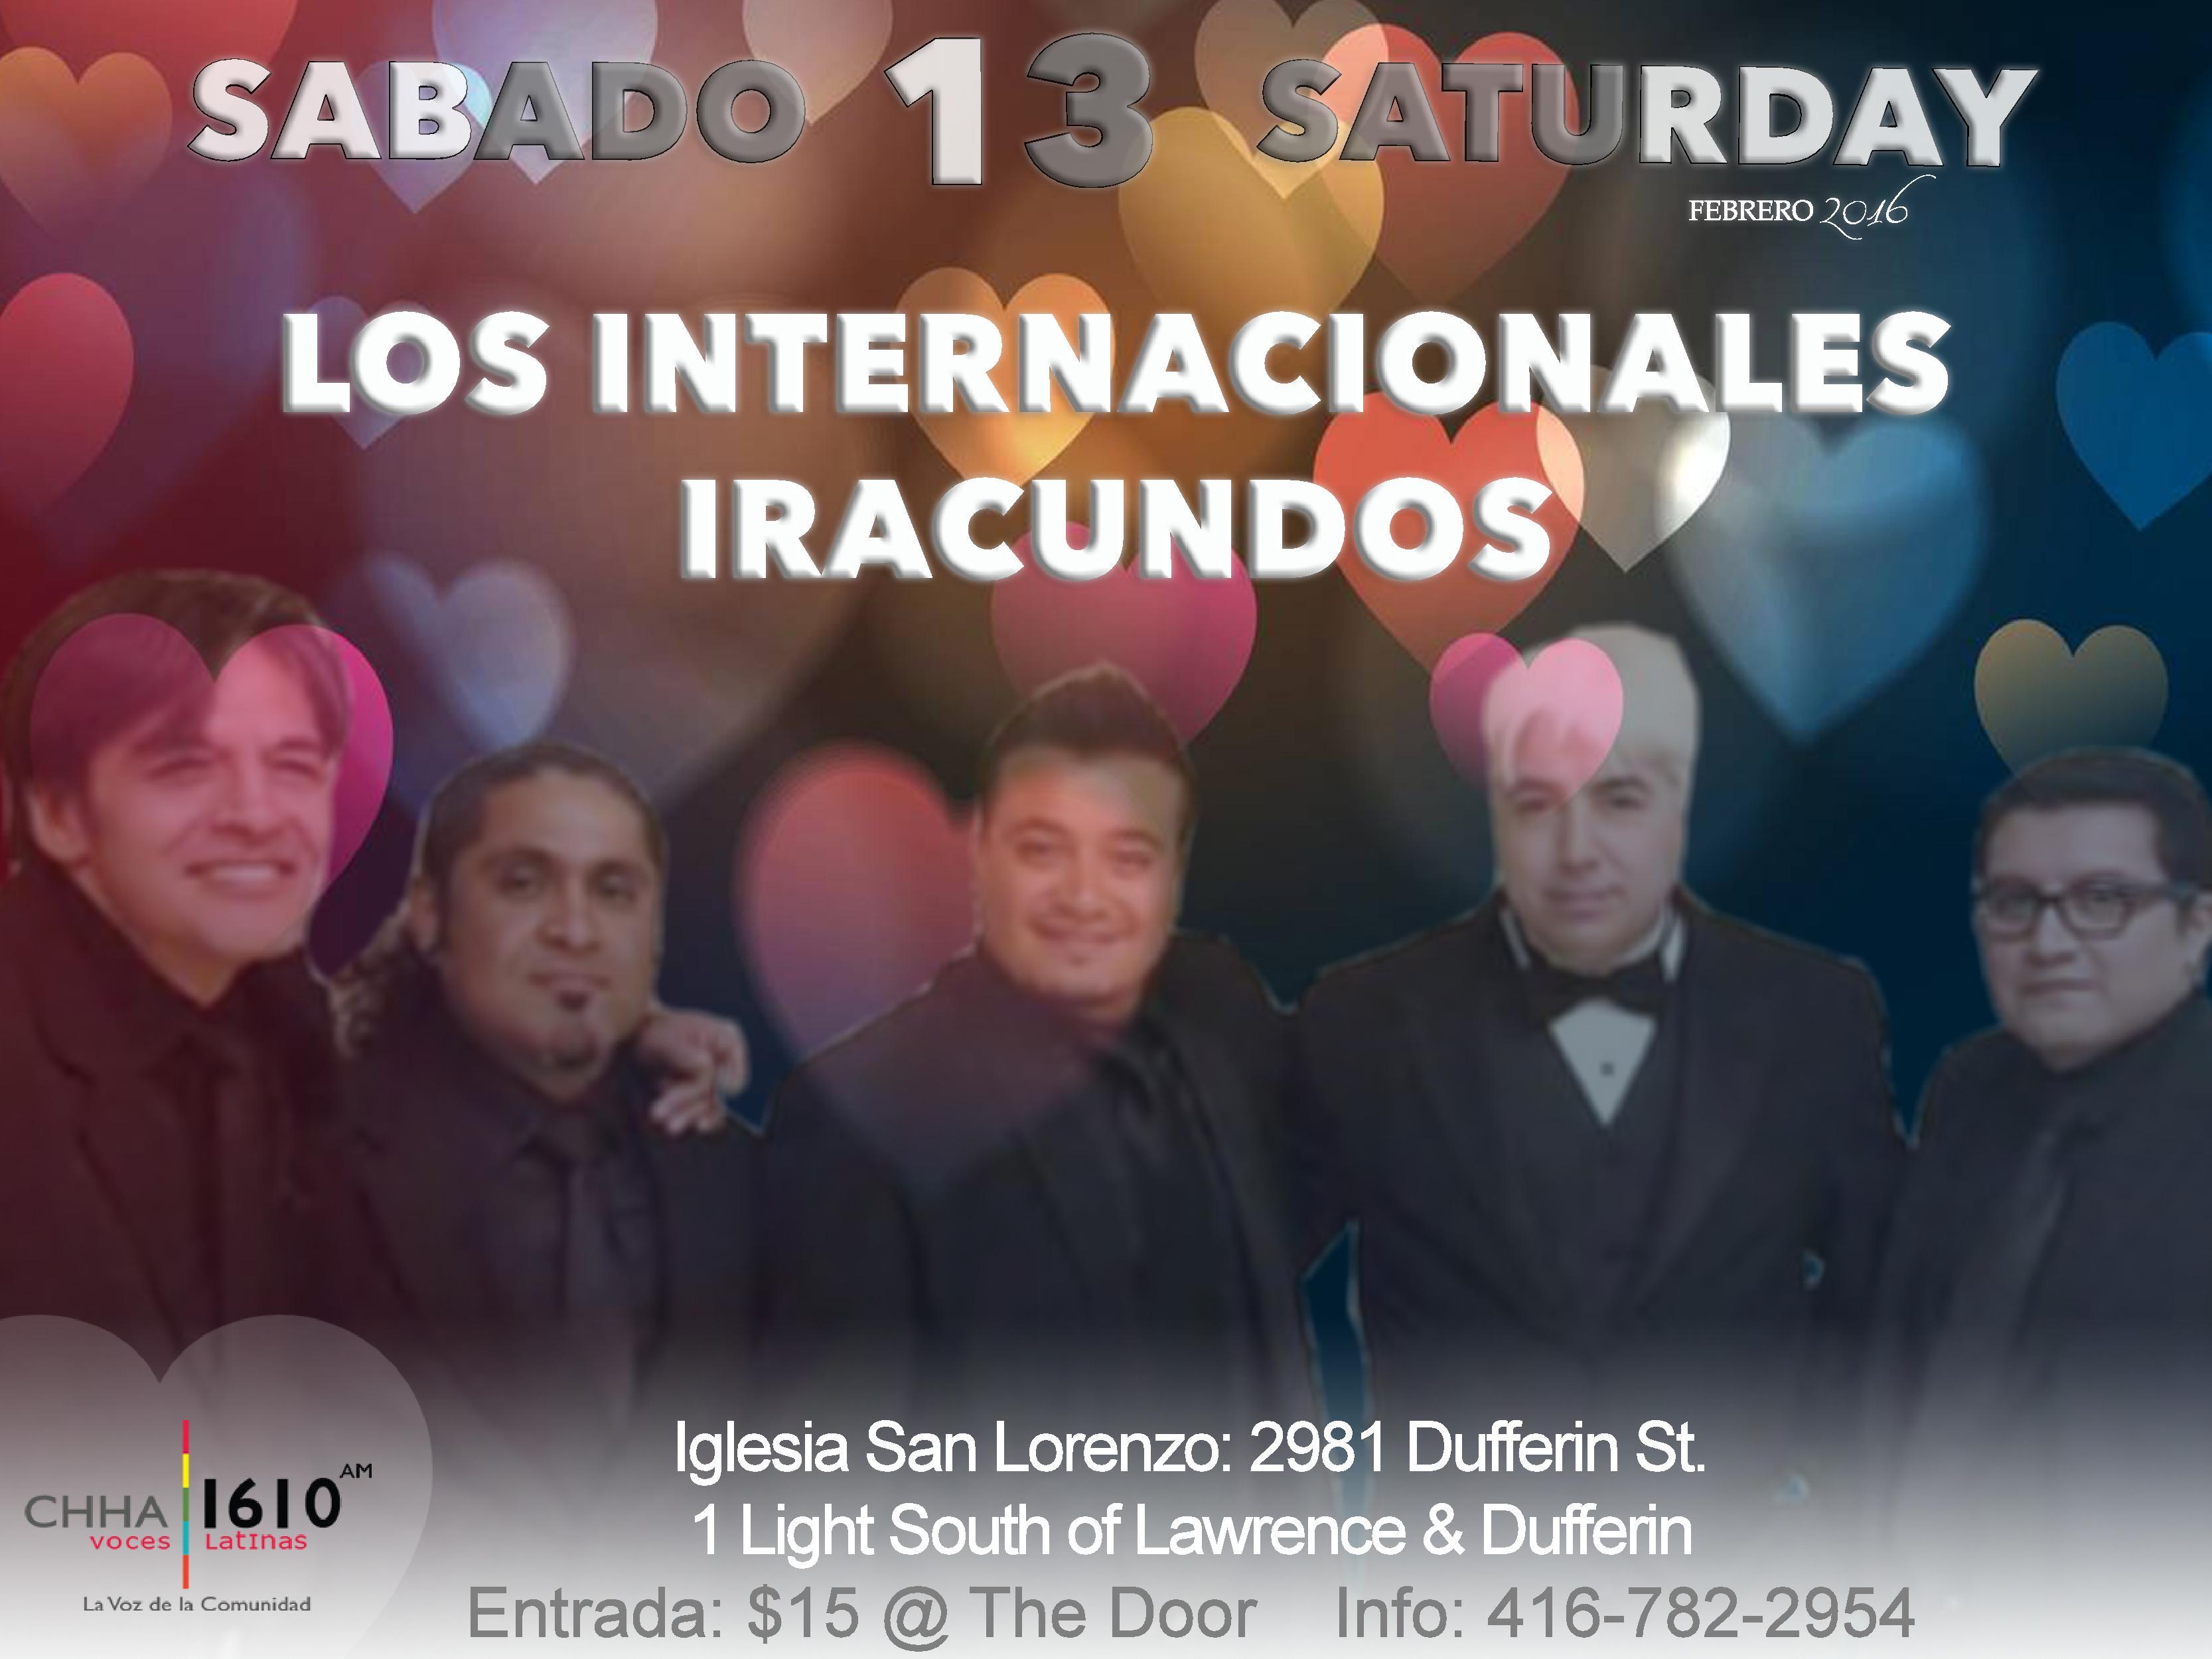 Los Internacionales Iracundos Realizan Concierto en Iglesia San Lorenzo